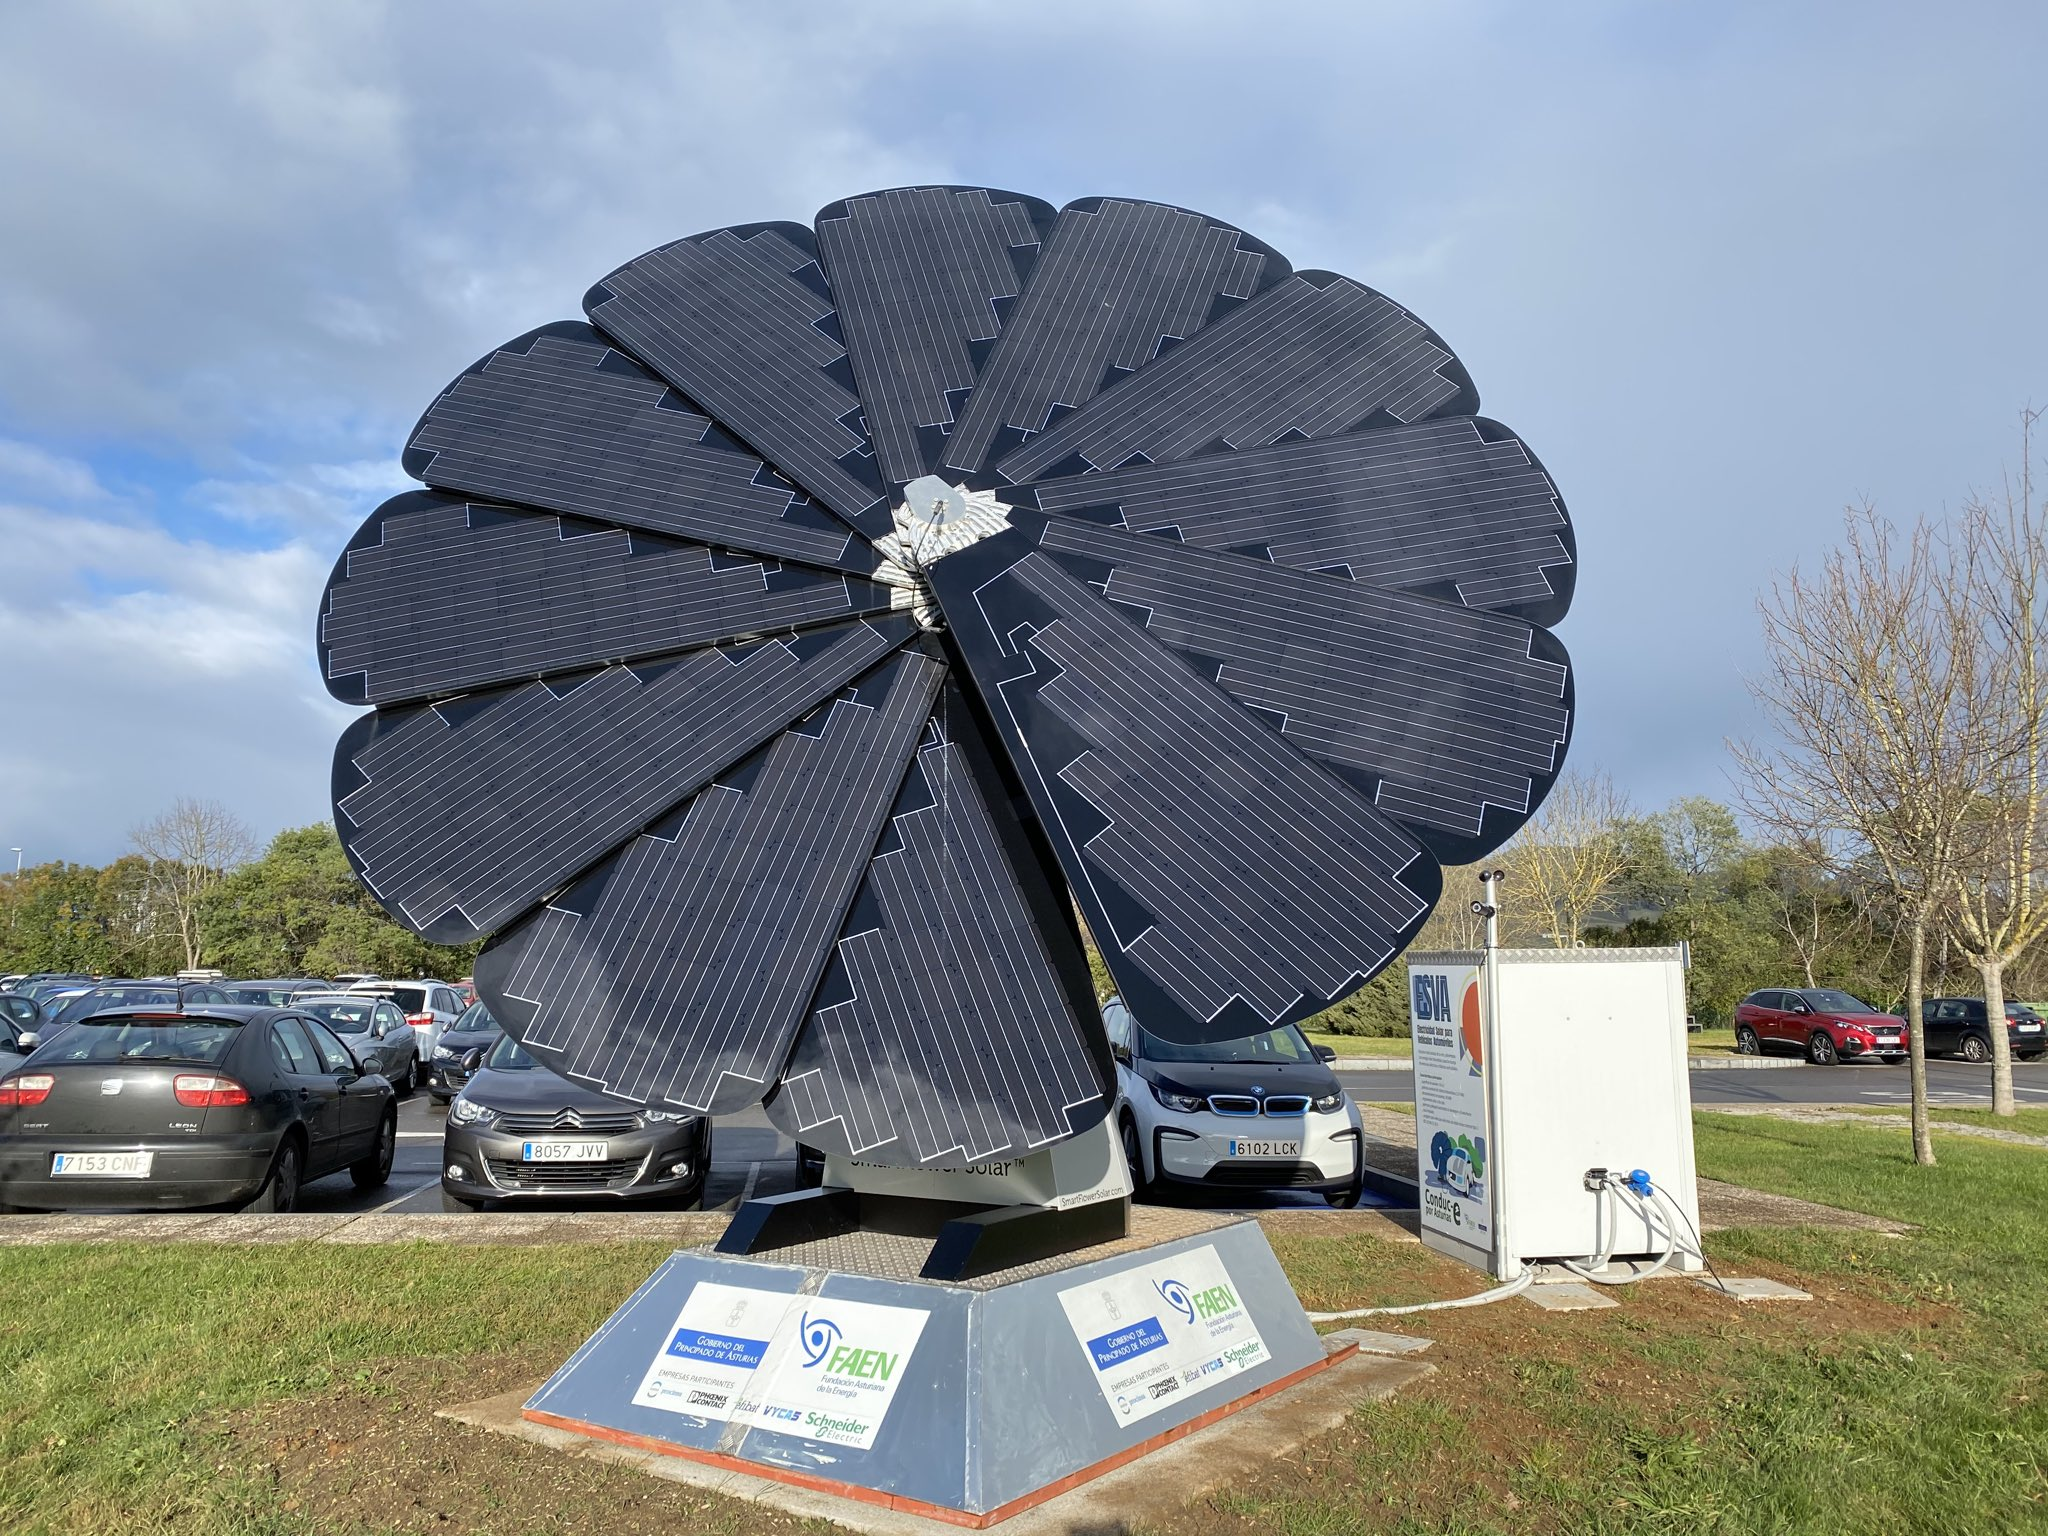 Inaugurado el primer punto de recarga de vehículos eléctricos del Parque Tecnológico de Asturias